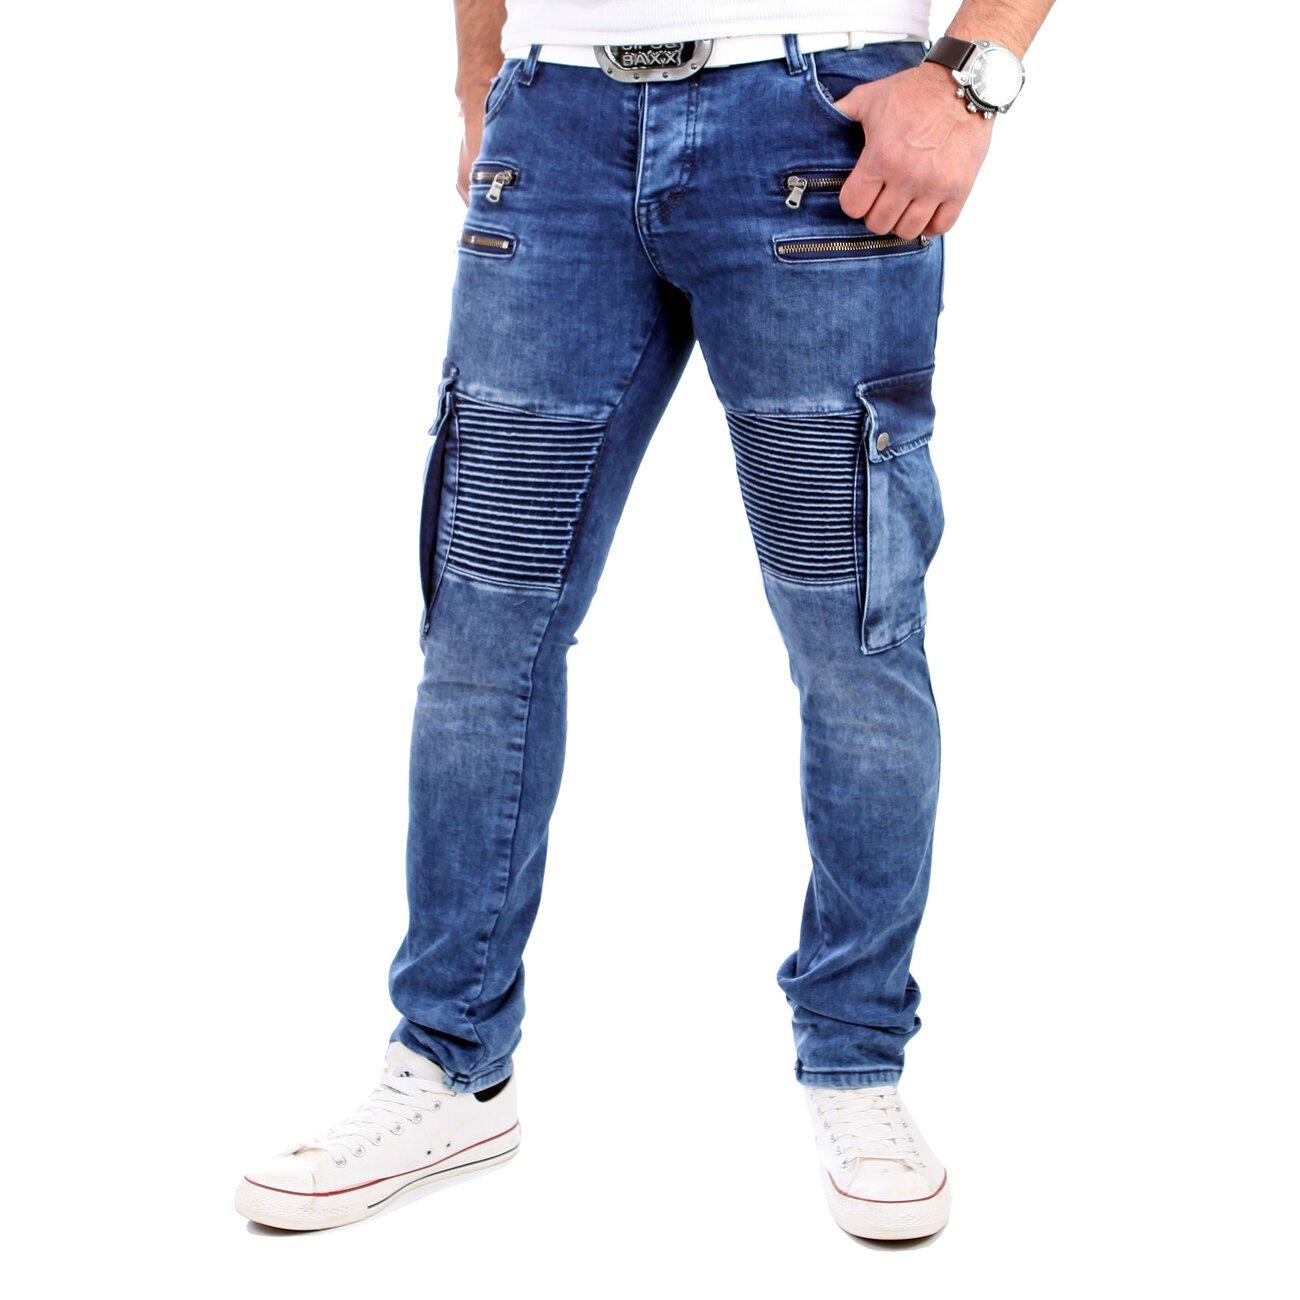 tazzio jeans herren slim fit cargo pocket biker jeans hose. Black Bedroom Furniture Sets. Home Design Ideas